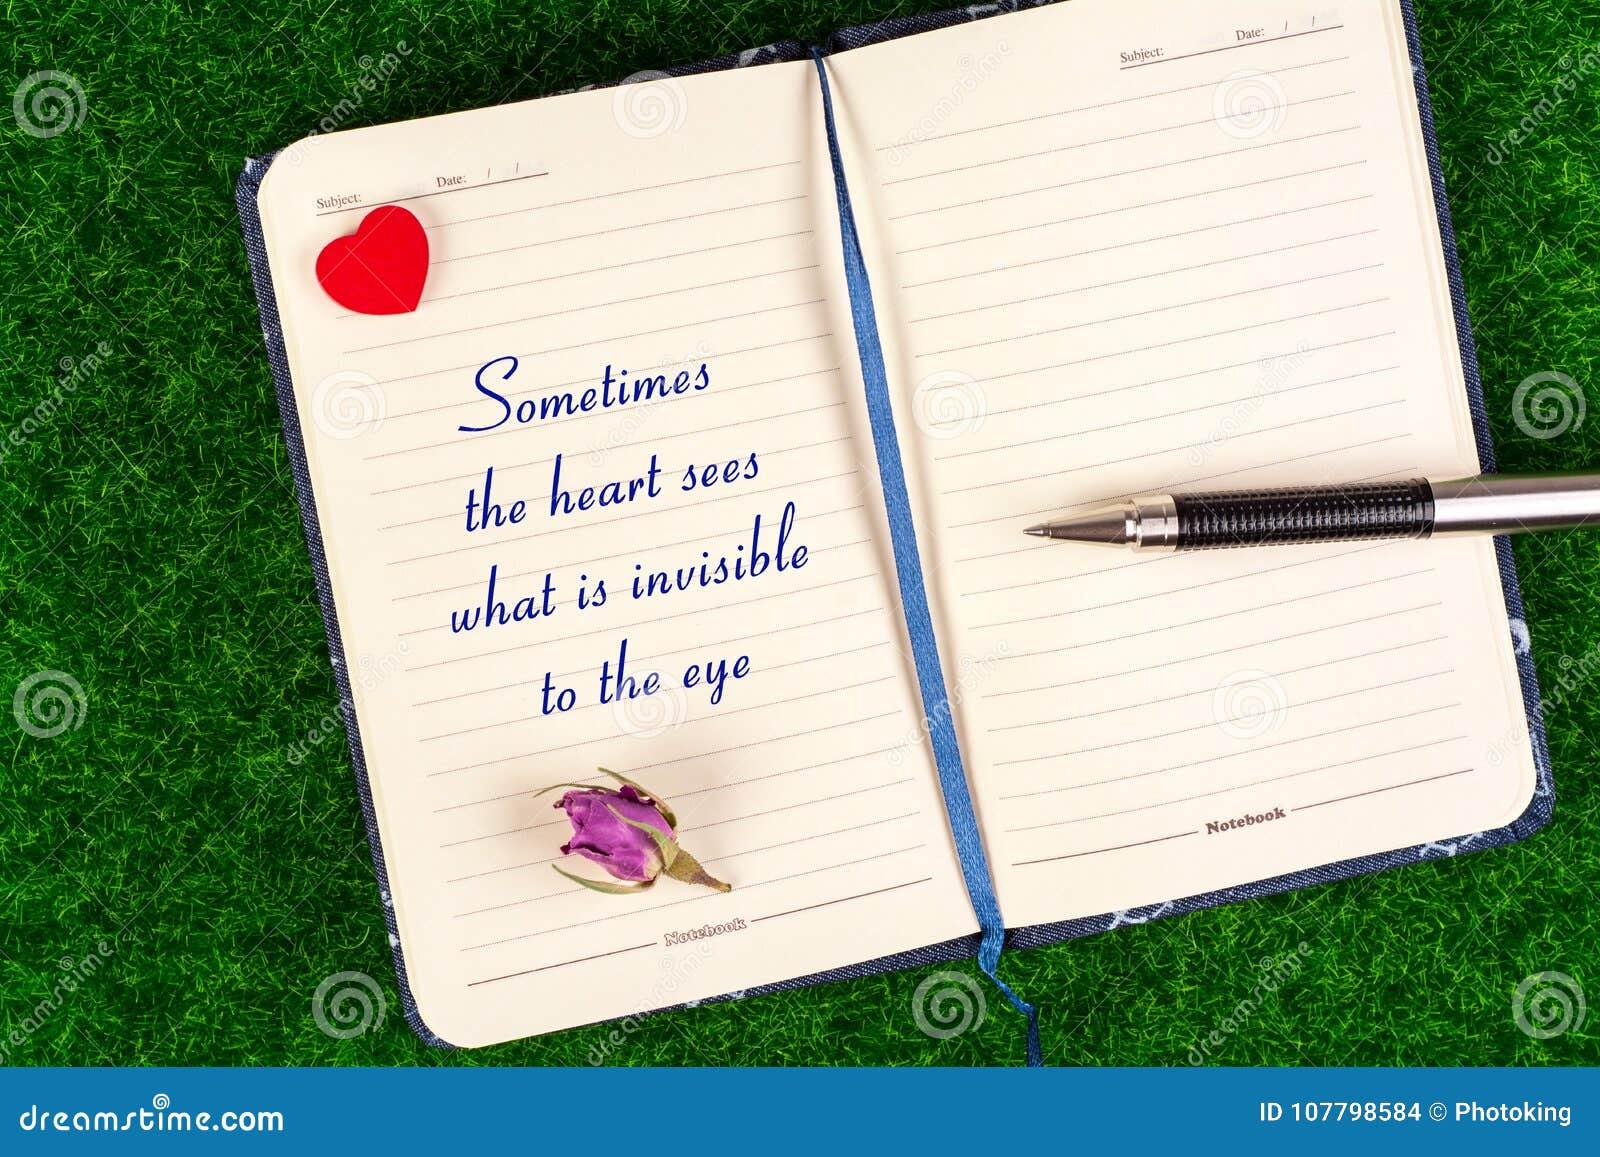 Manchmal sieht das Herz, was zum Auge unsichtbar ist